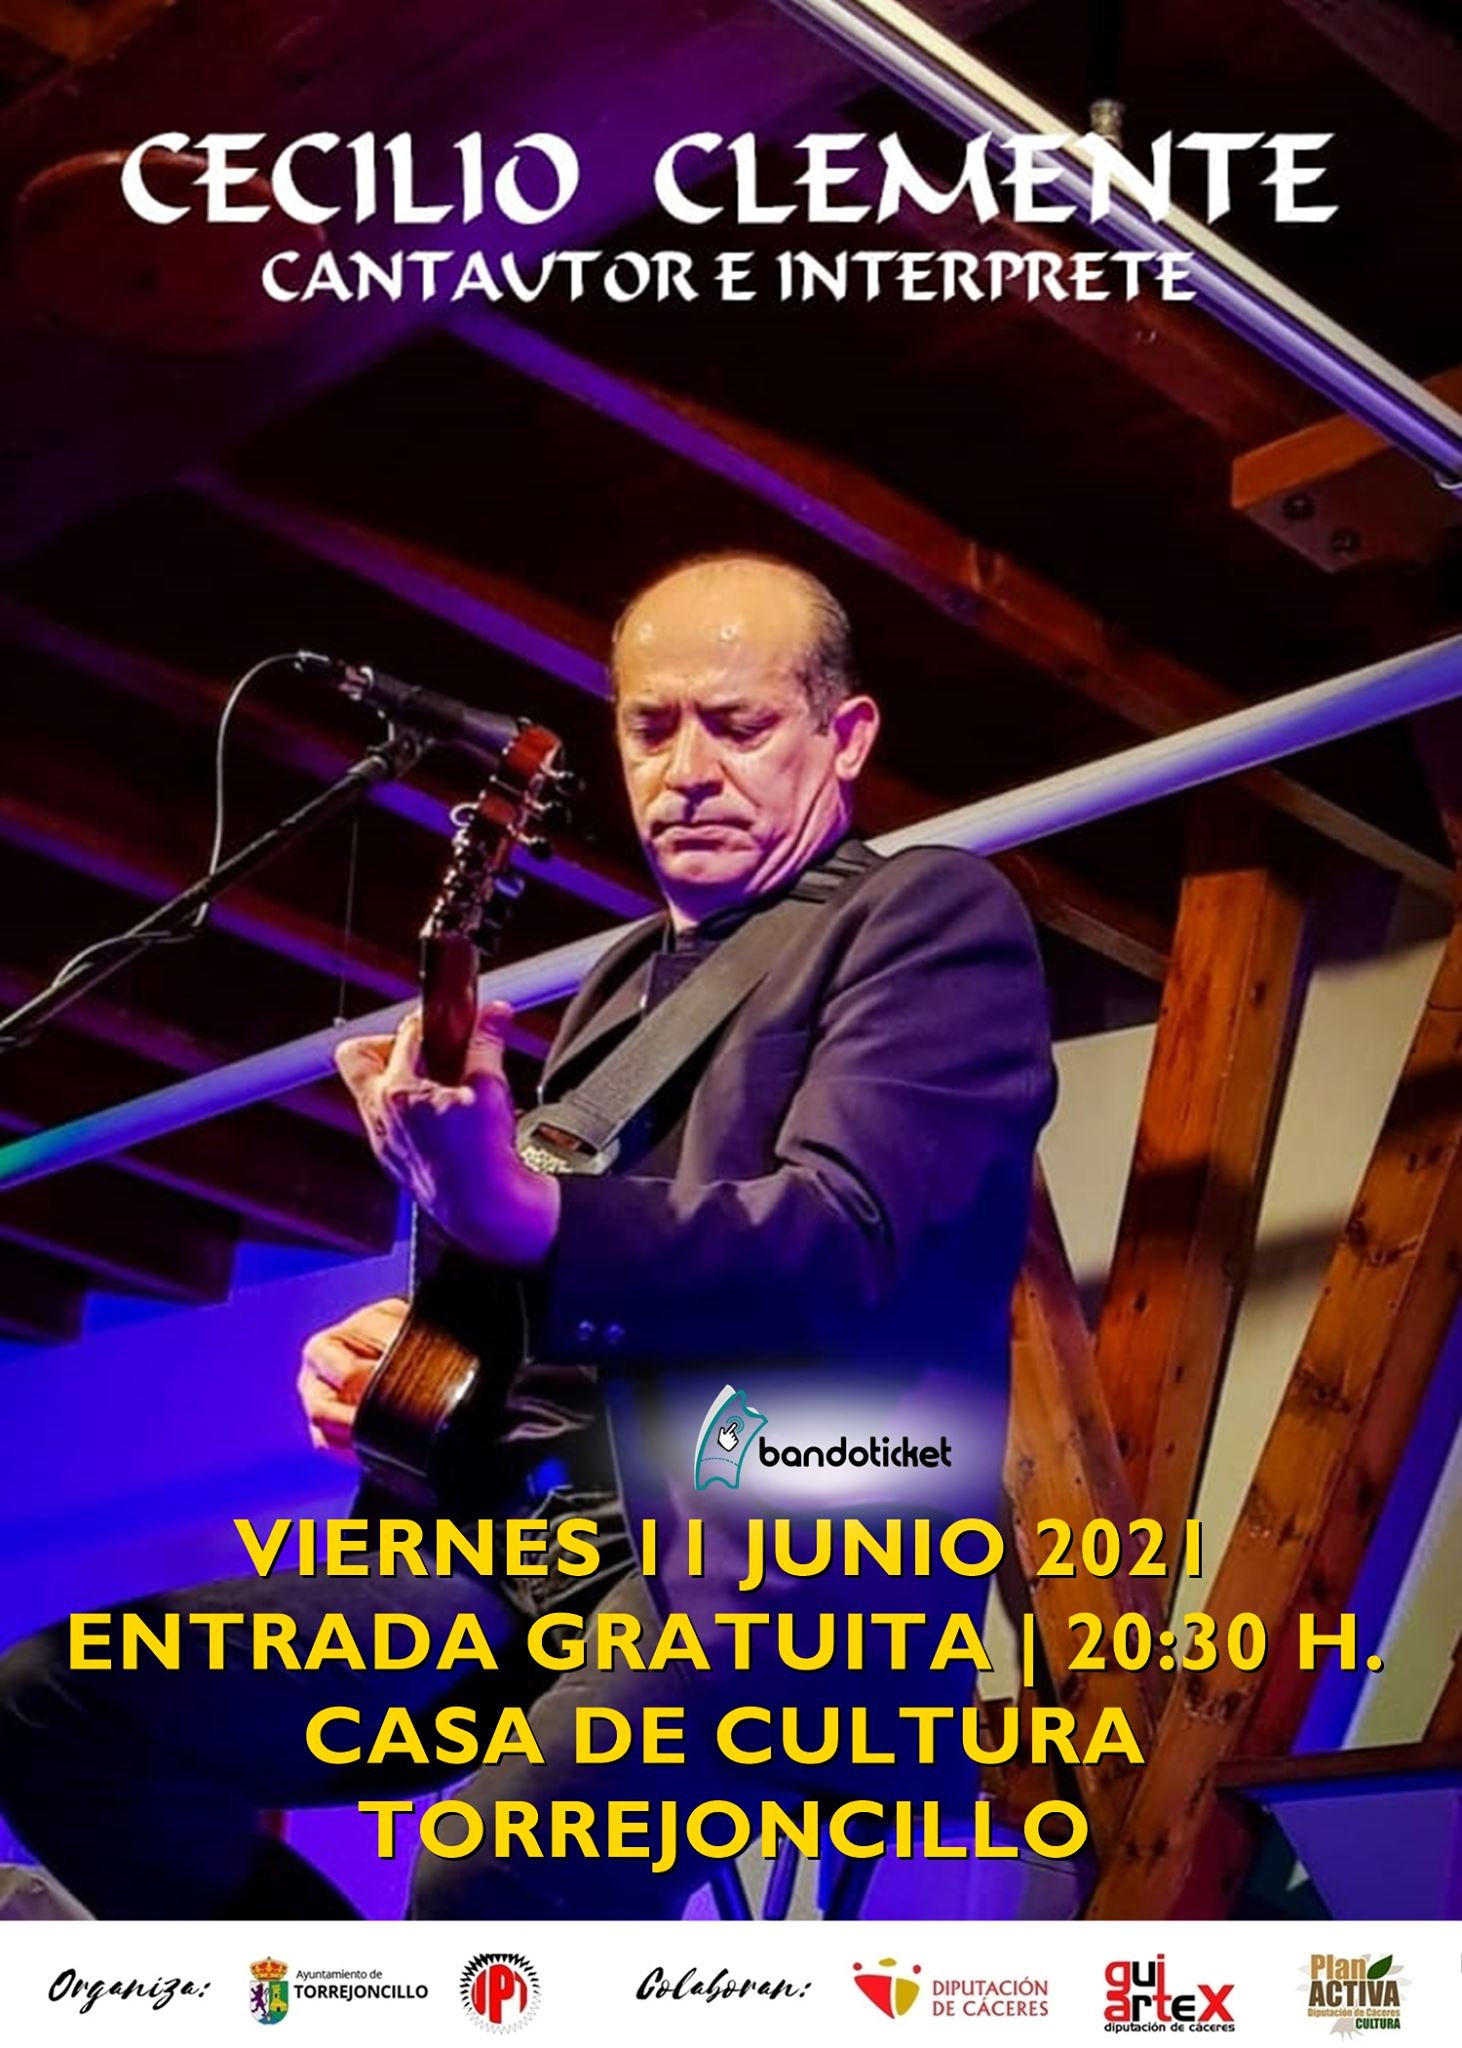 Concierto de Cecilio Clemente este viernes en Torrejoncillo